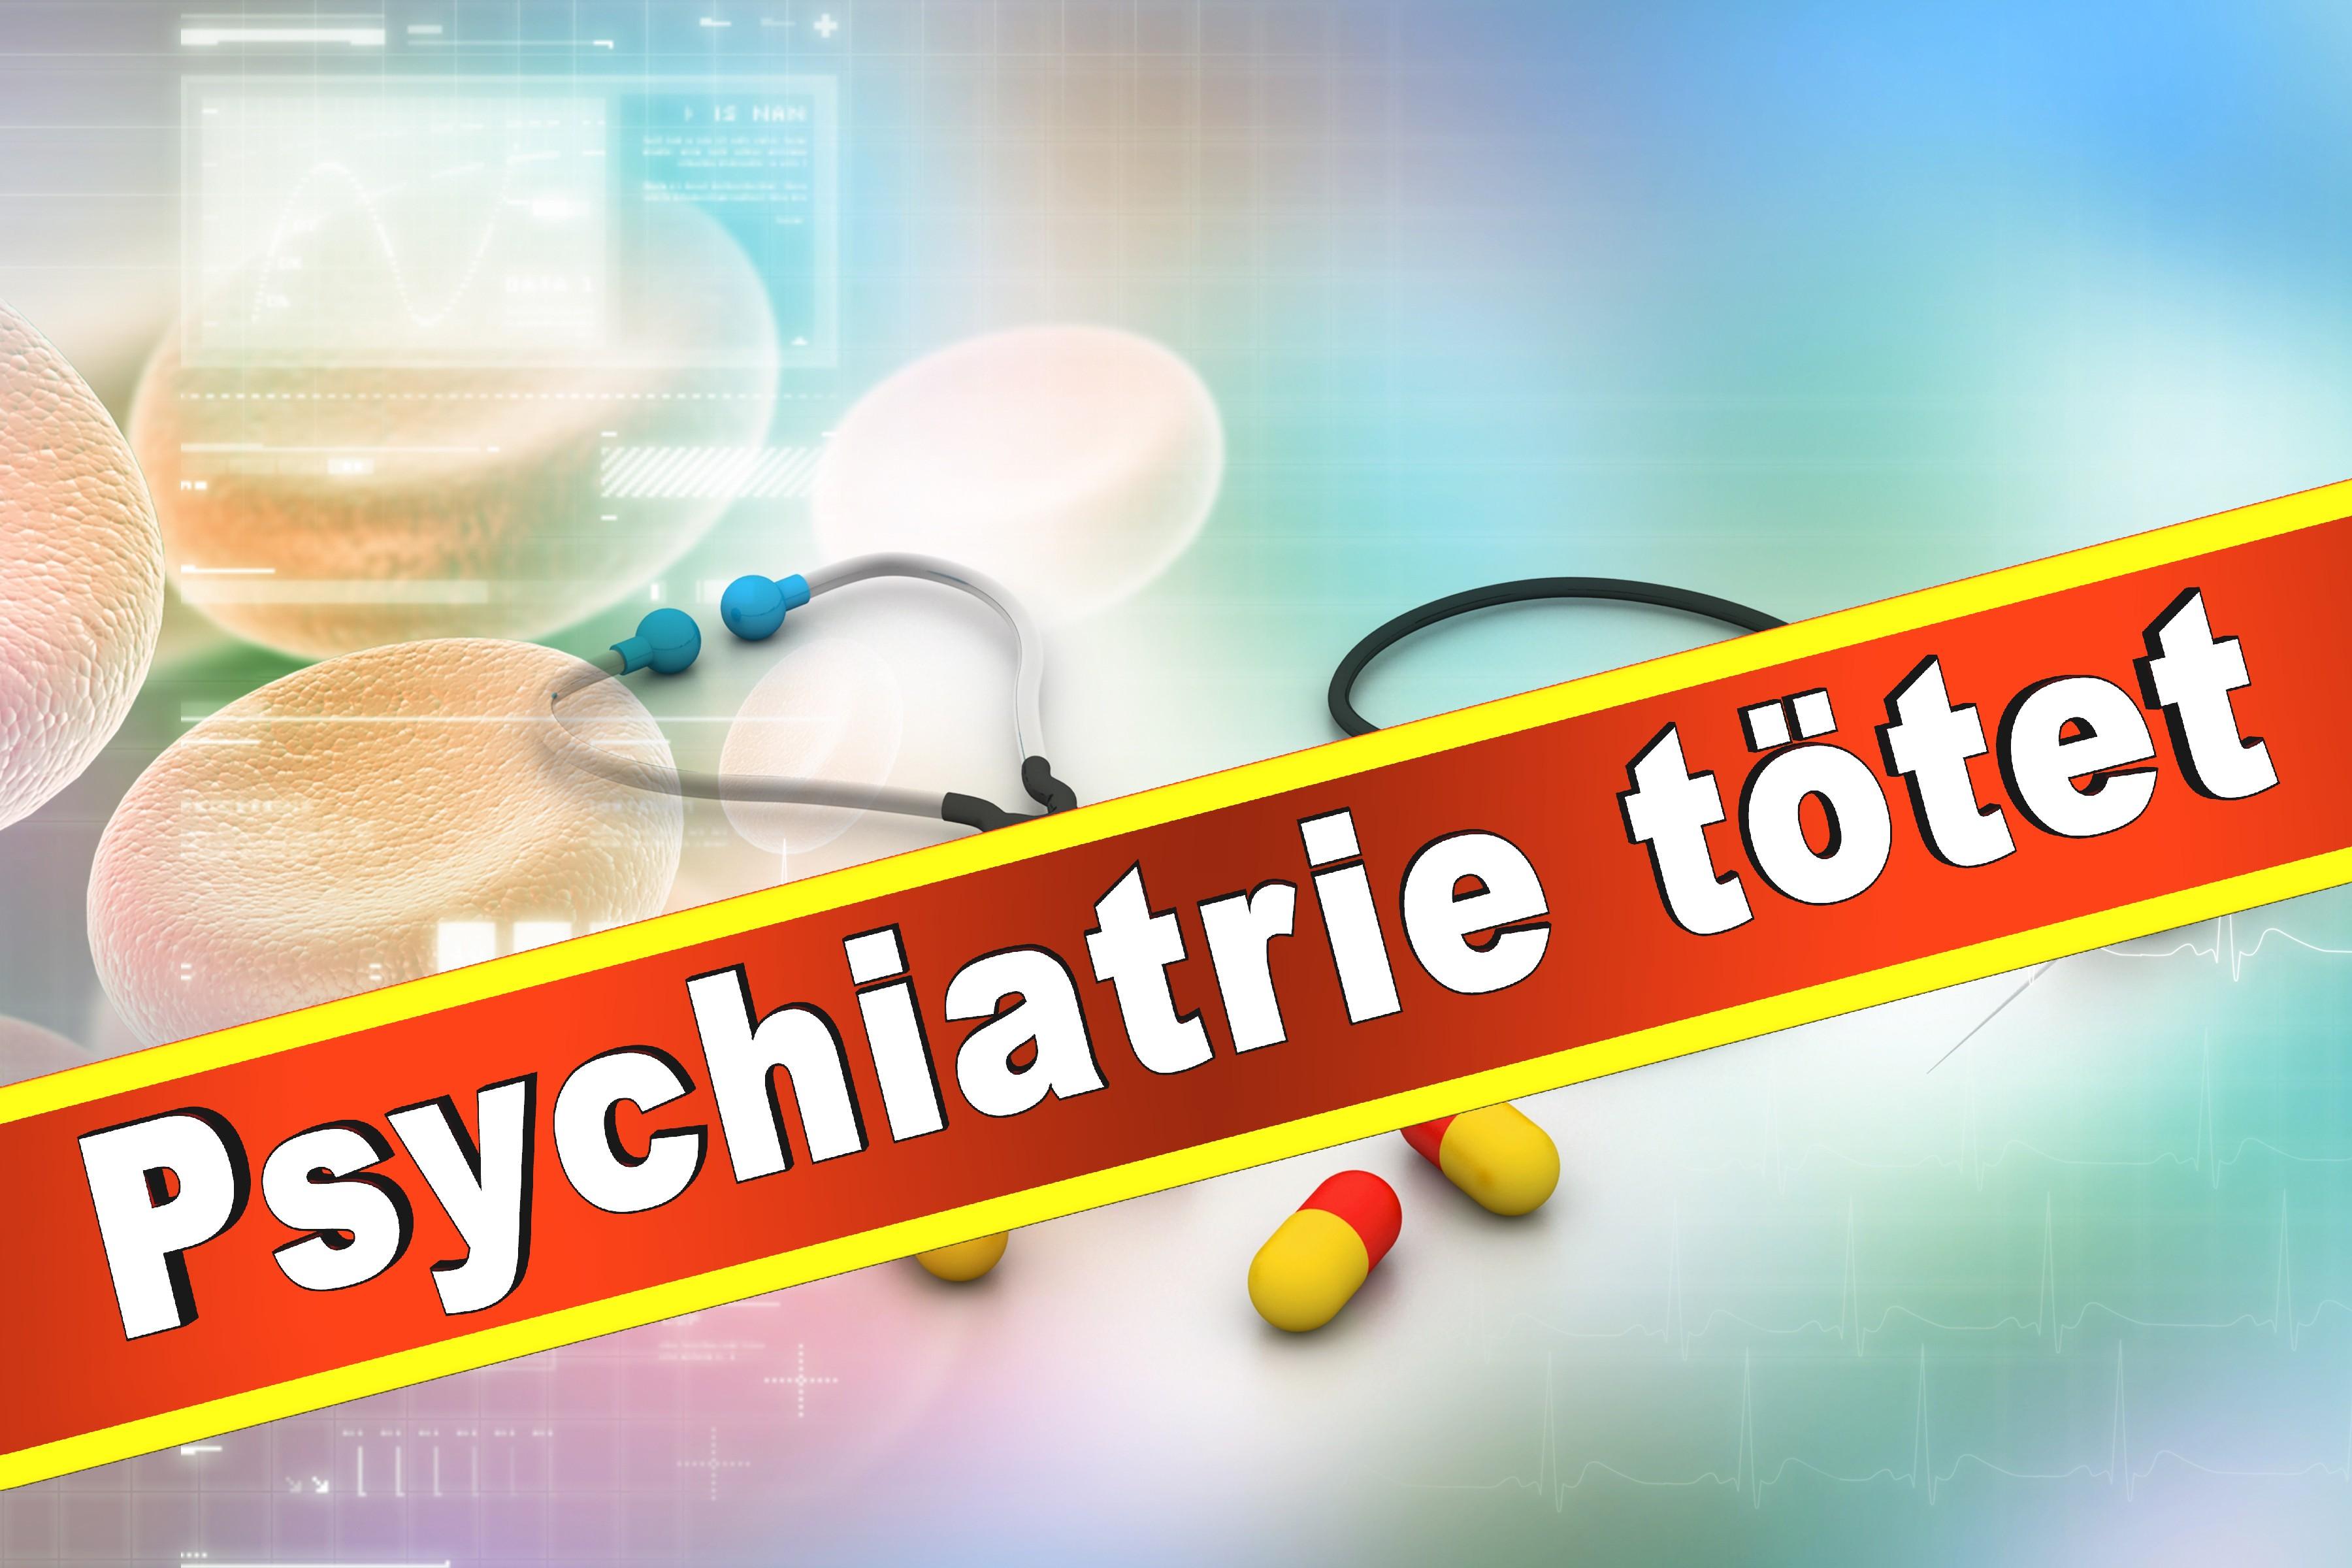 Frau Dr Med Astrid Caspary Psychiater Hannover Gutachten Psychiater Facharzt Psychiatrie